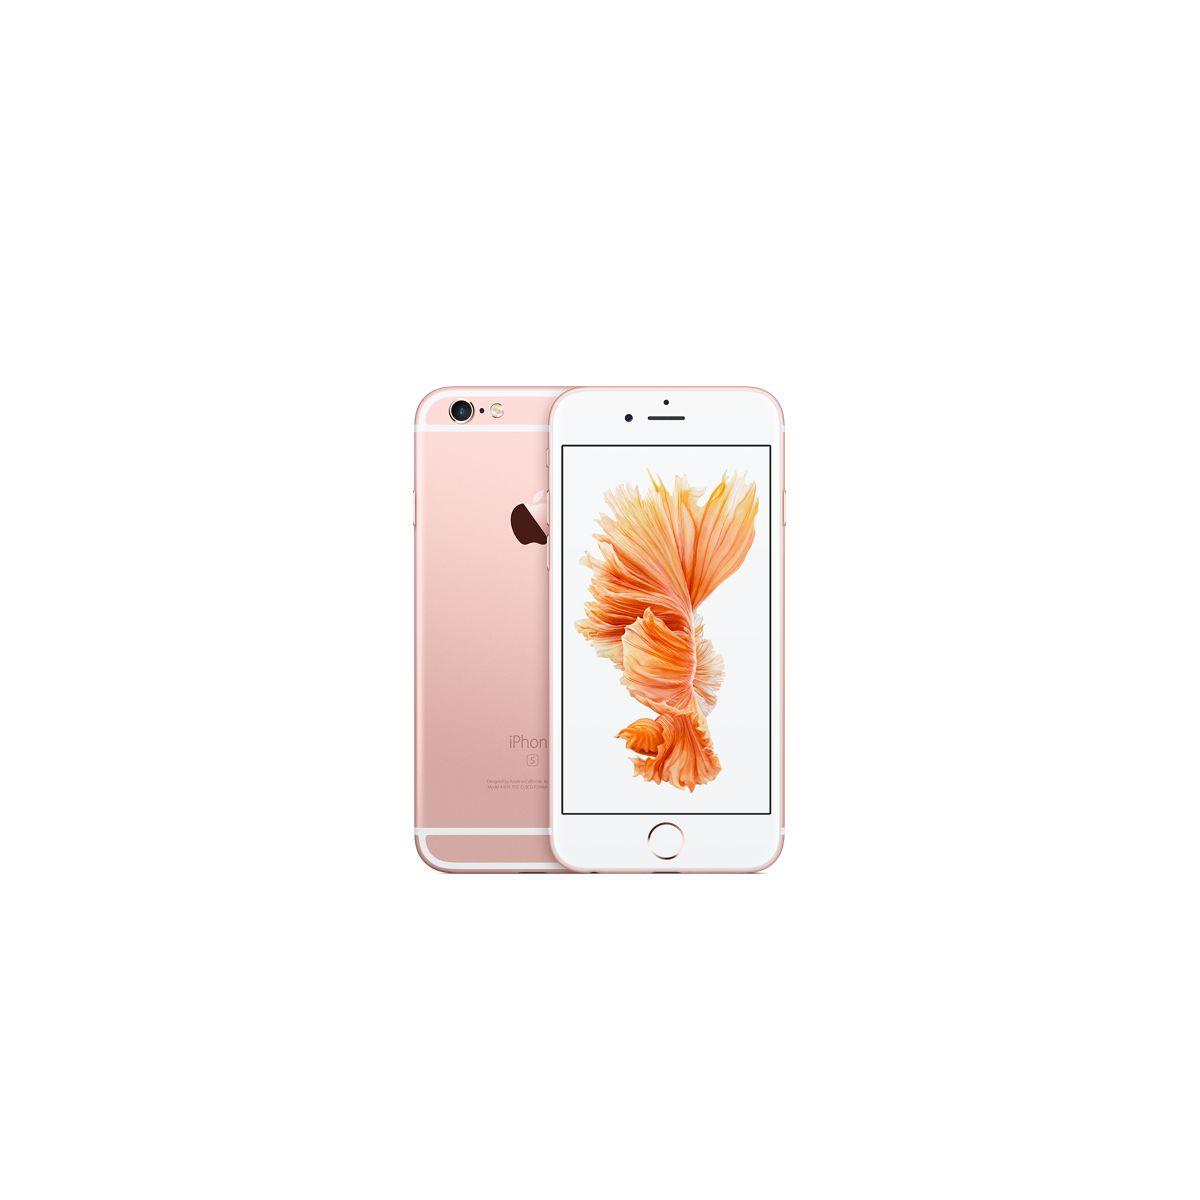 Apple iphone 6s 16go or rose - 10% de remise immédiate avec le code : fete10 (photo)